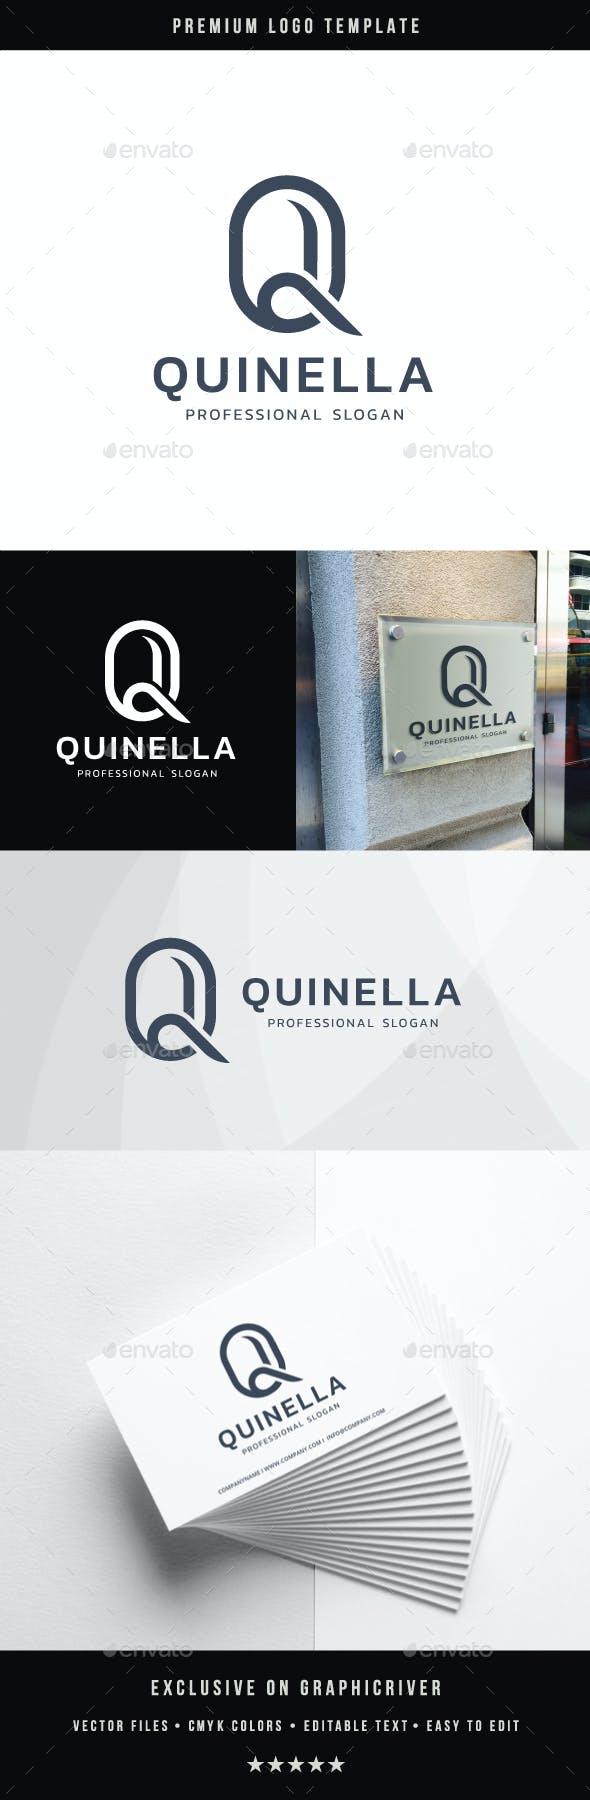 Letter Q - Quinella Logo